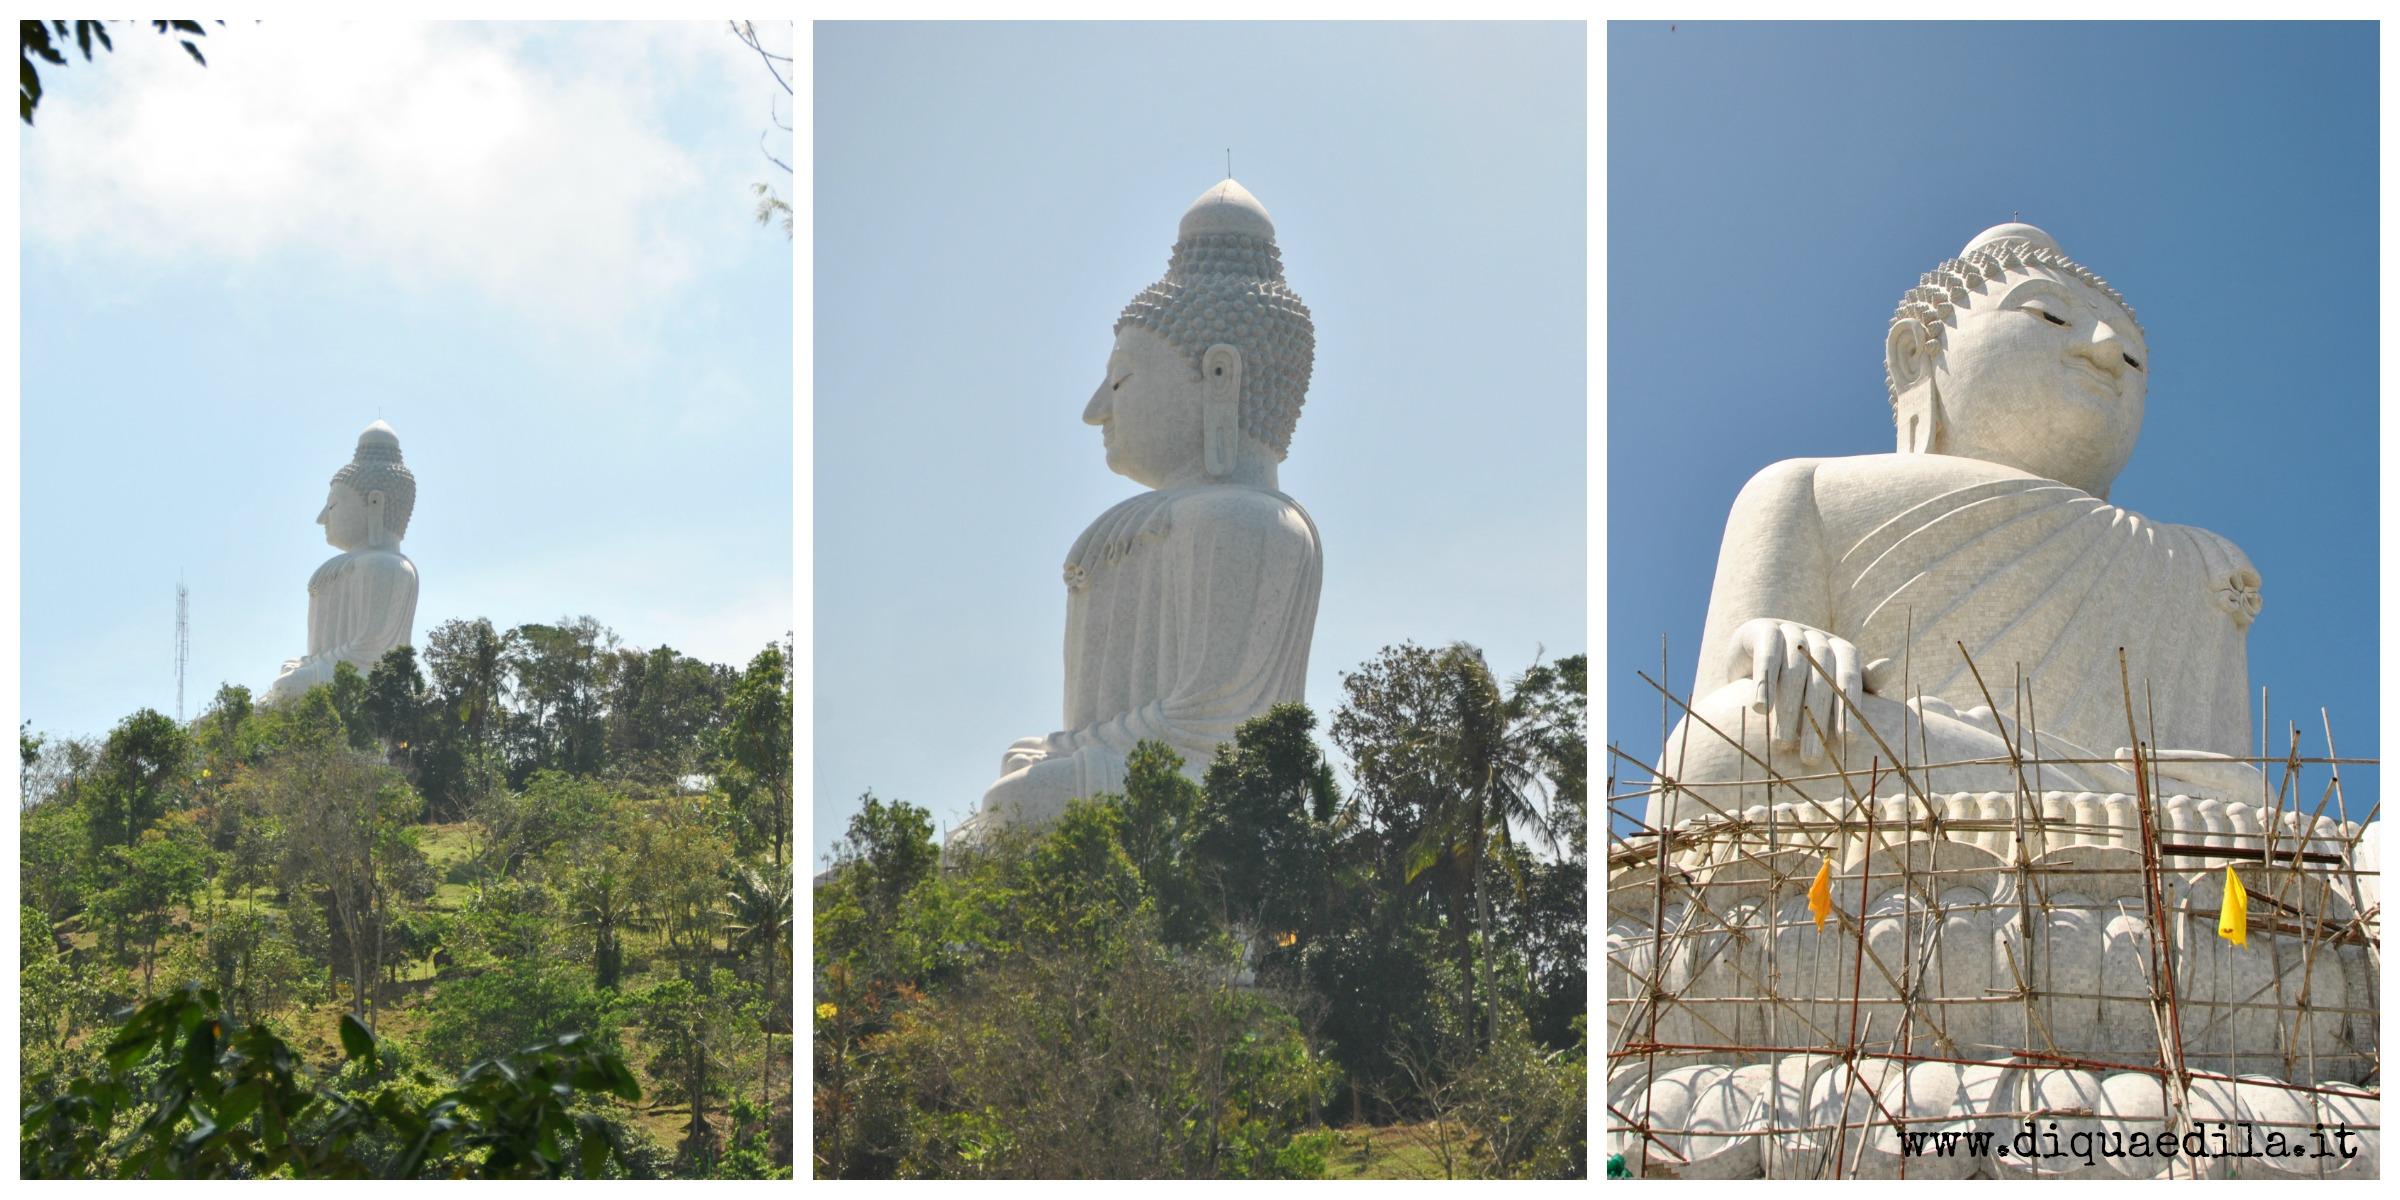 Sulle colline di Phuket, verso il Big Buddha sempre più grande!